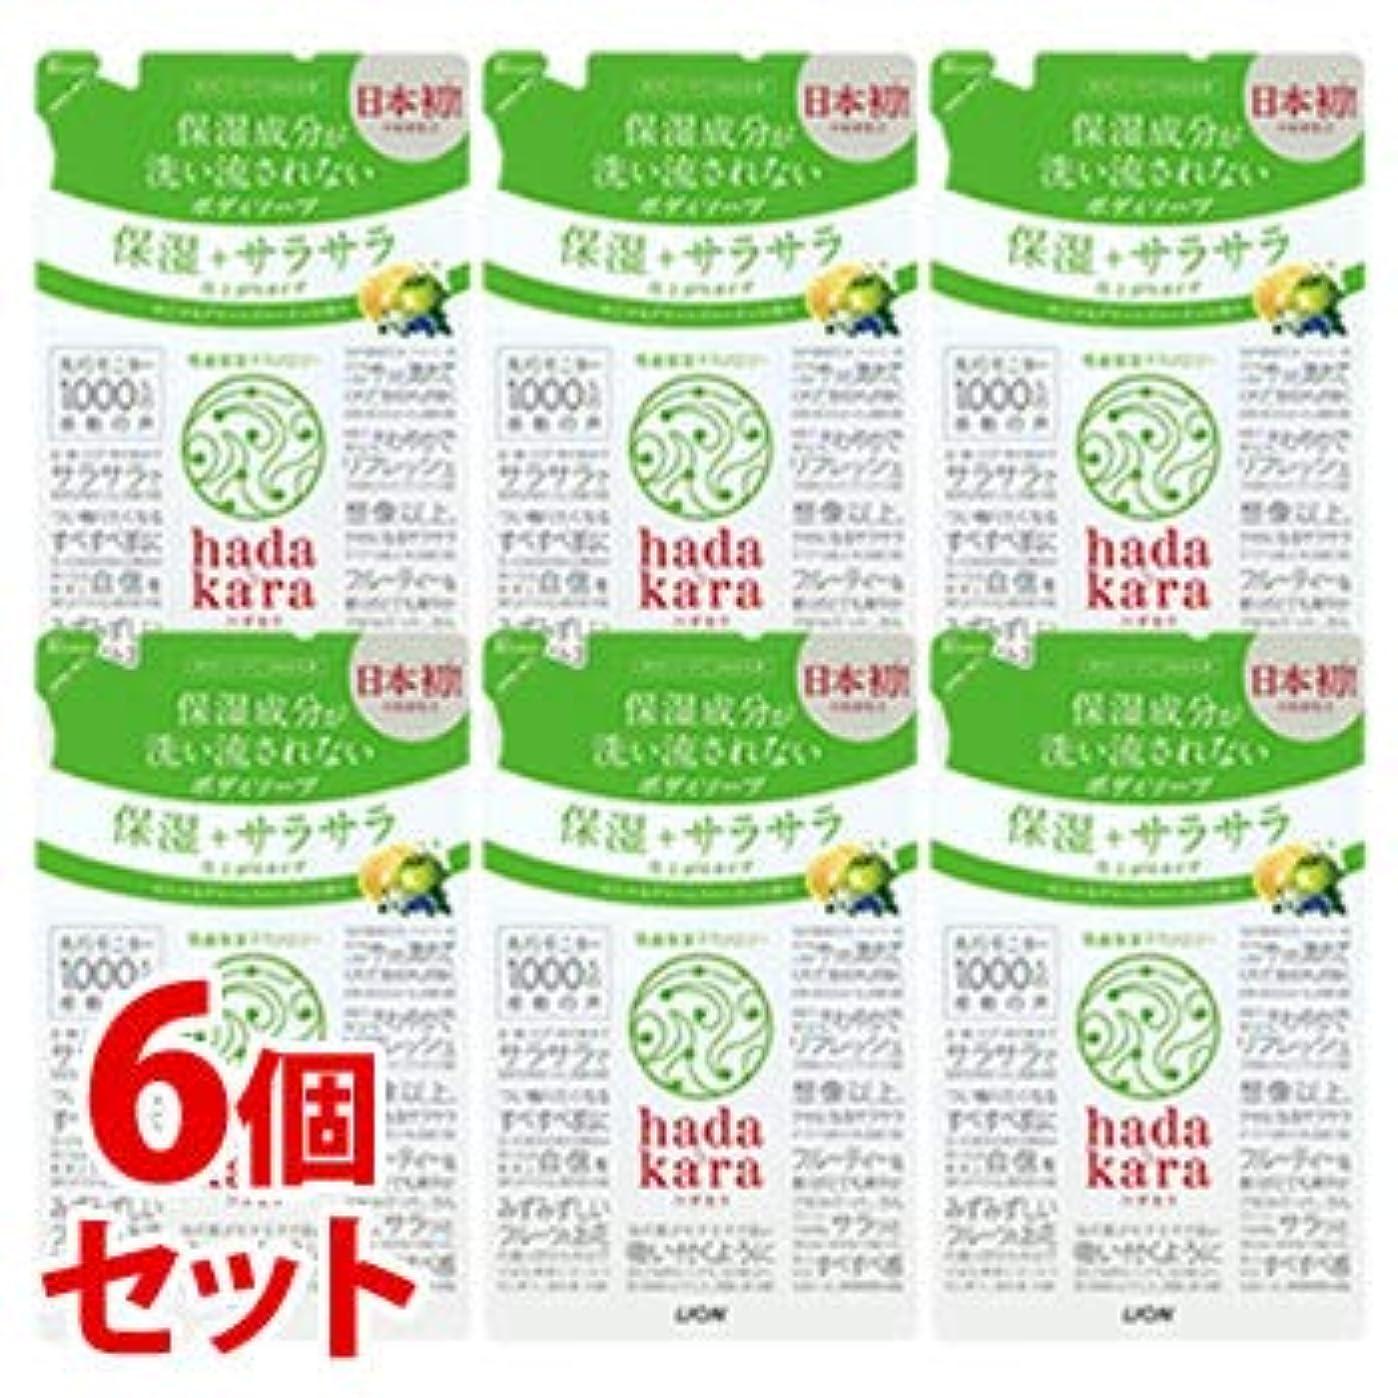 進化人道的コア《セット販売》 ライオン ハダカラ hadakara ボディソープ 保湿+サラサラ仕上がりタイプ グリーンフルーティの香り つめかえ用 (340mL)×6個セット 詰め替え用